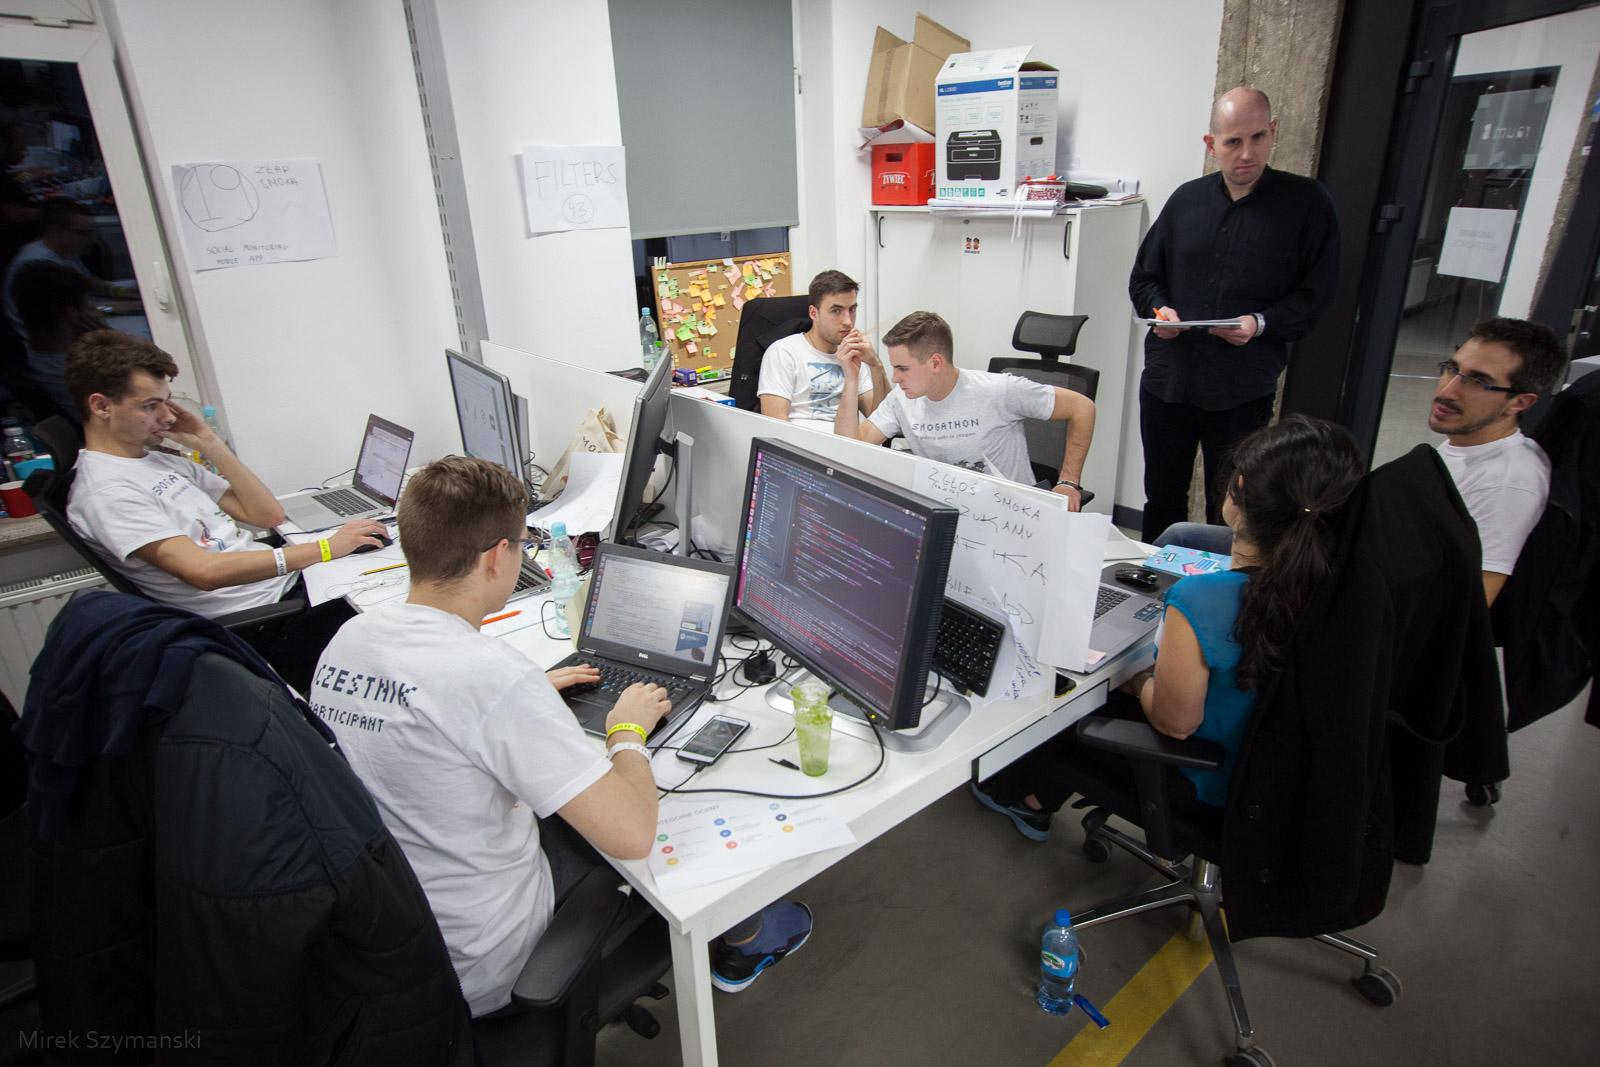 Uczestnicy podczas pierwszego wydarzenia - Smogathon 2015